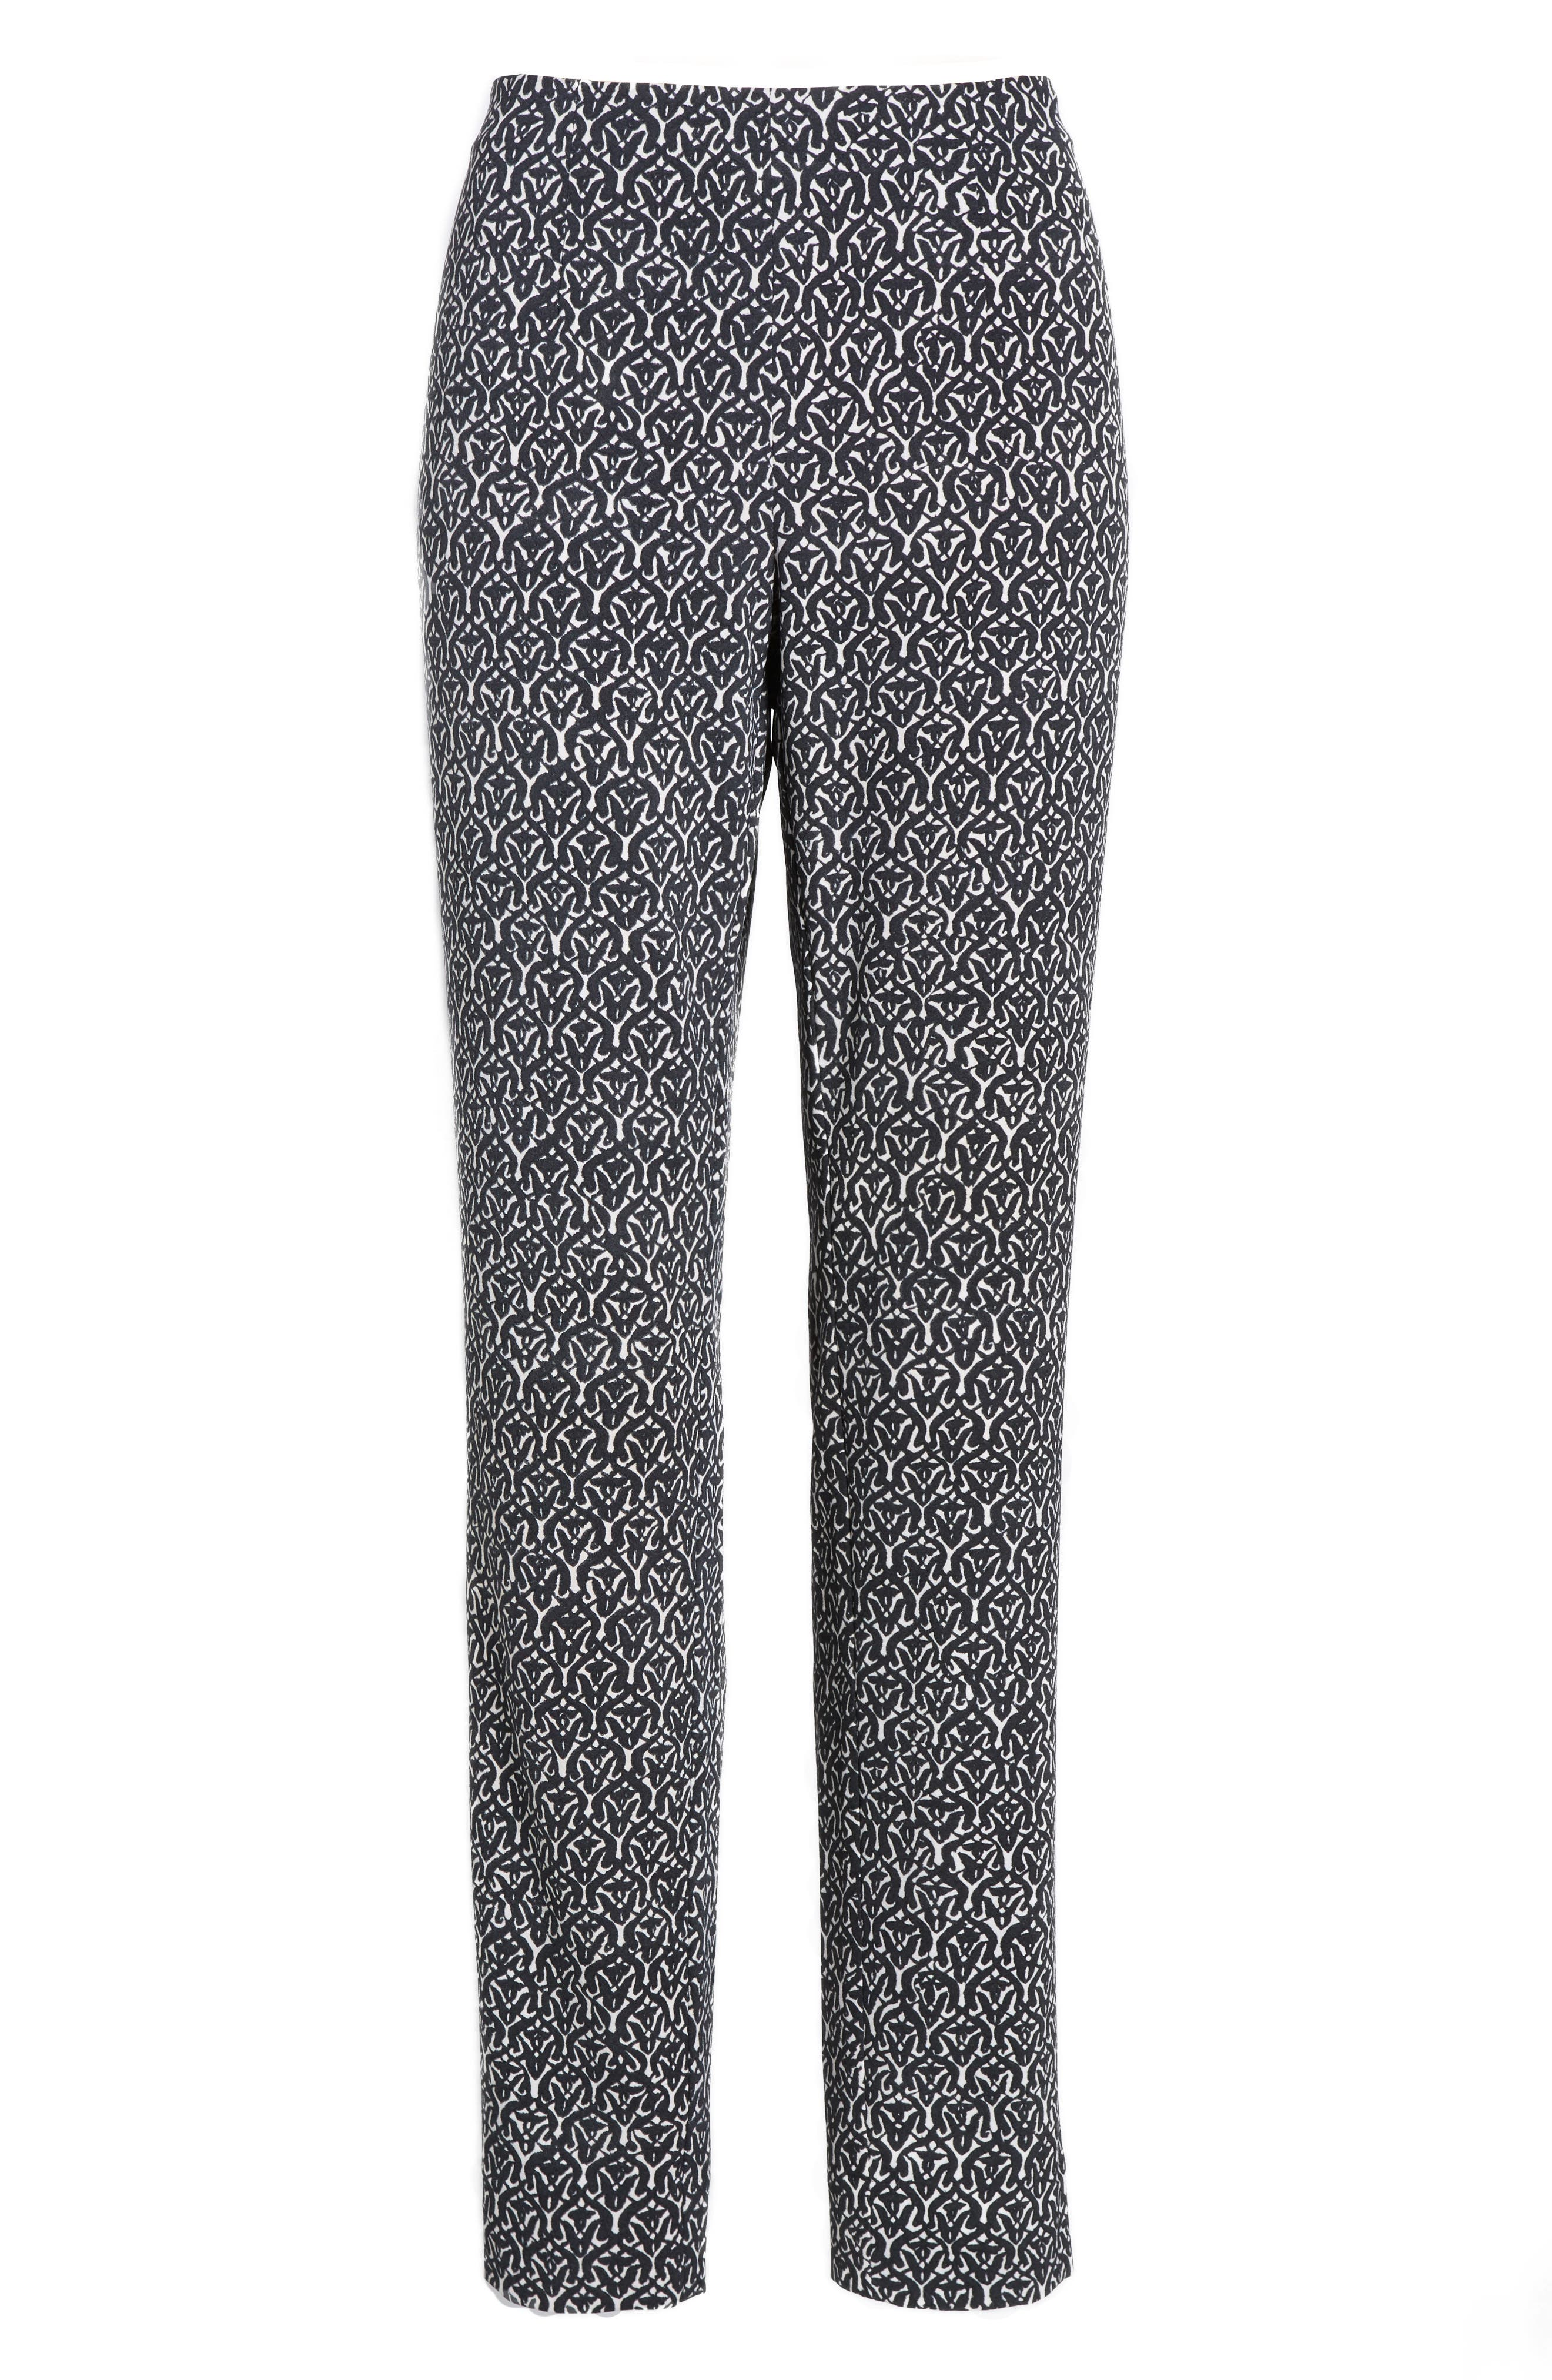 Casablanca Pants,                             Alternate thumbnail 6, color,                             090